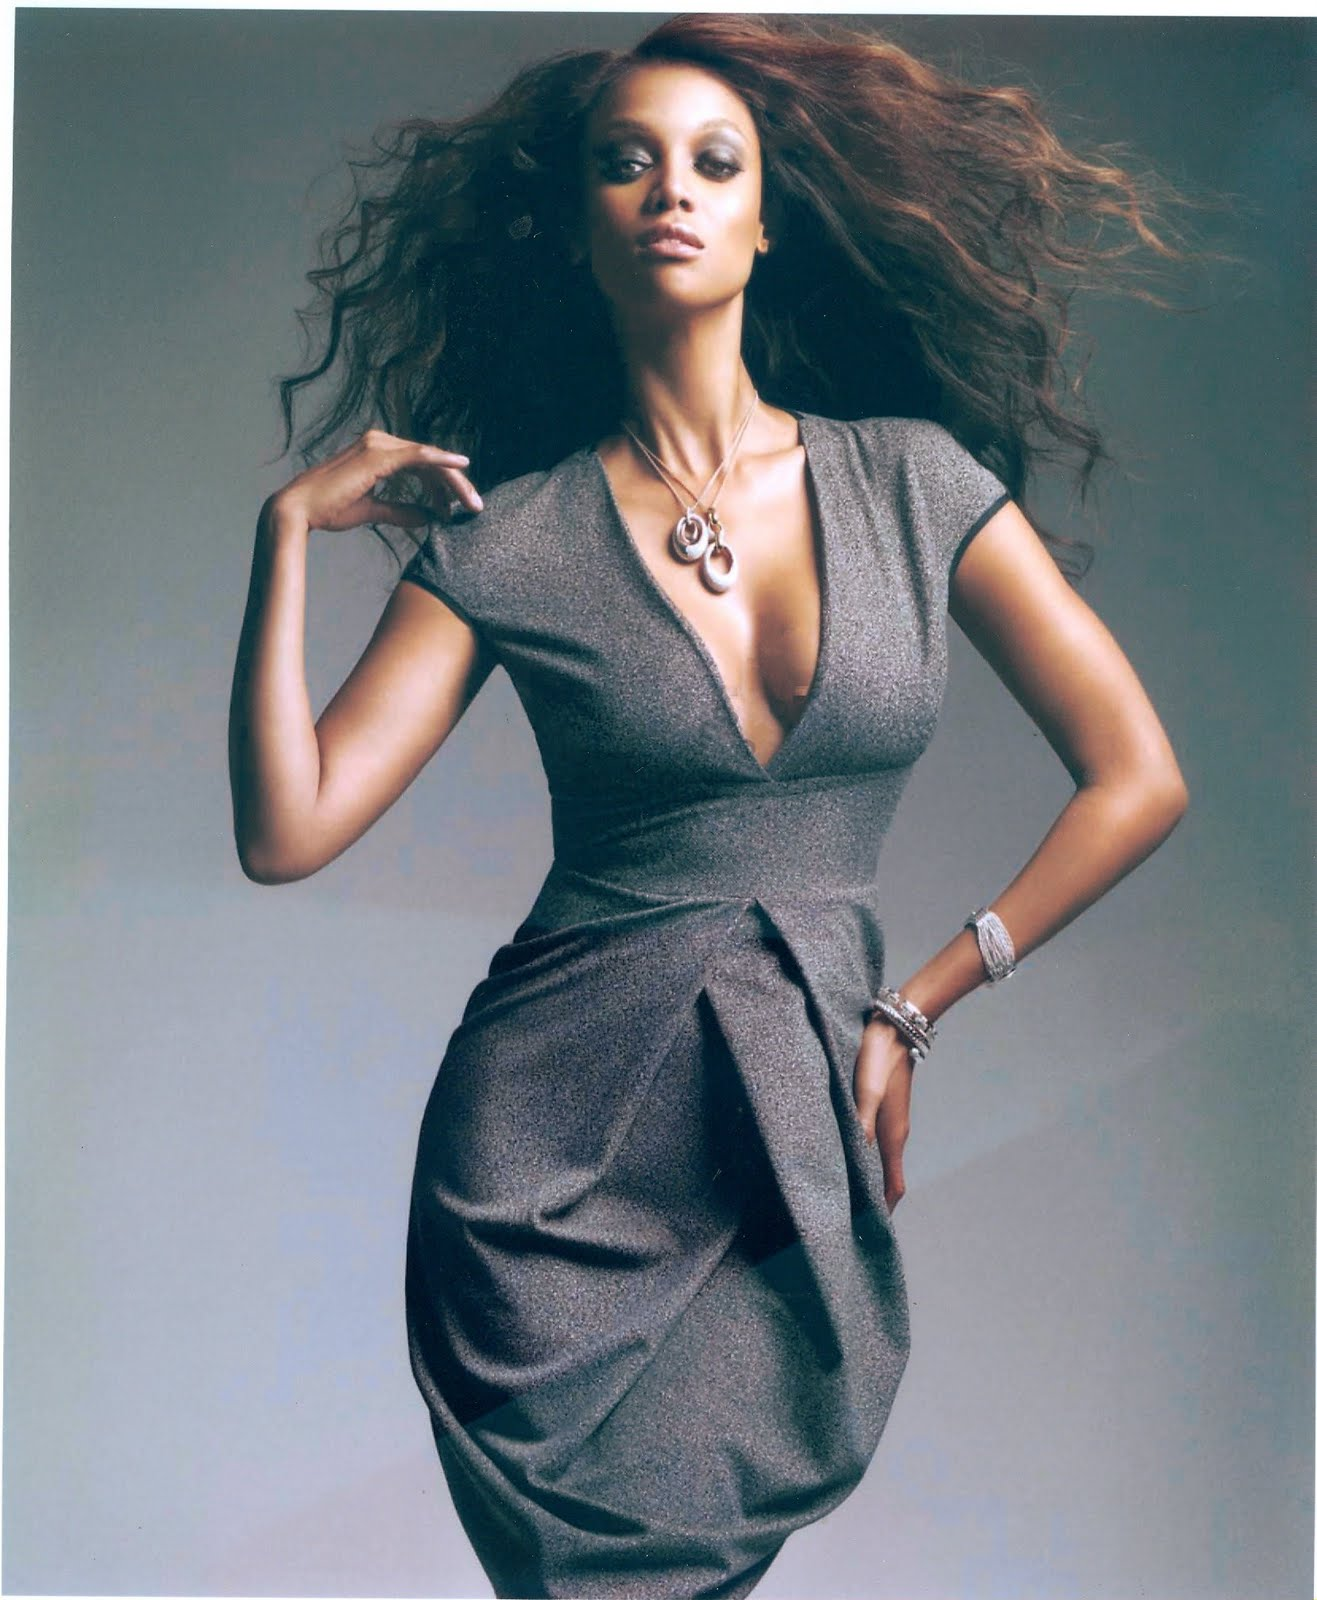 Tyra Banks Image: Tyra Banks (Hamptons Magazine 2009)